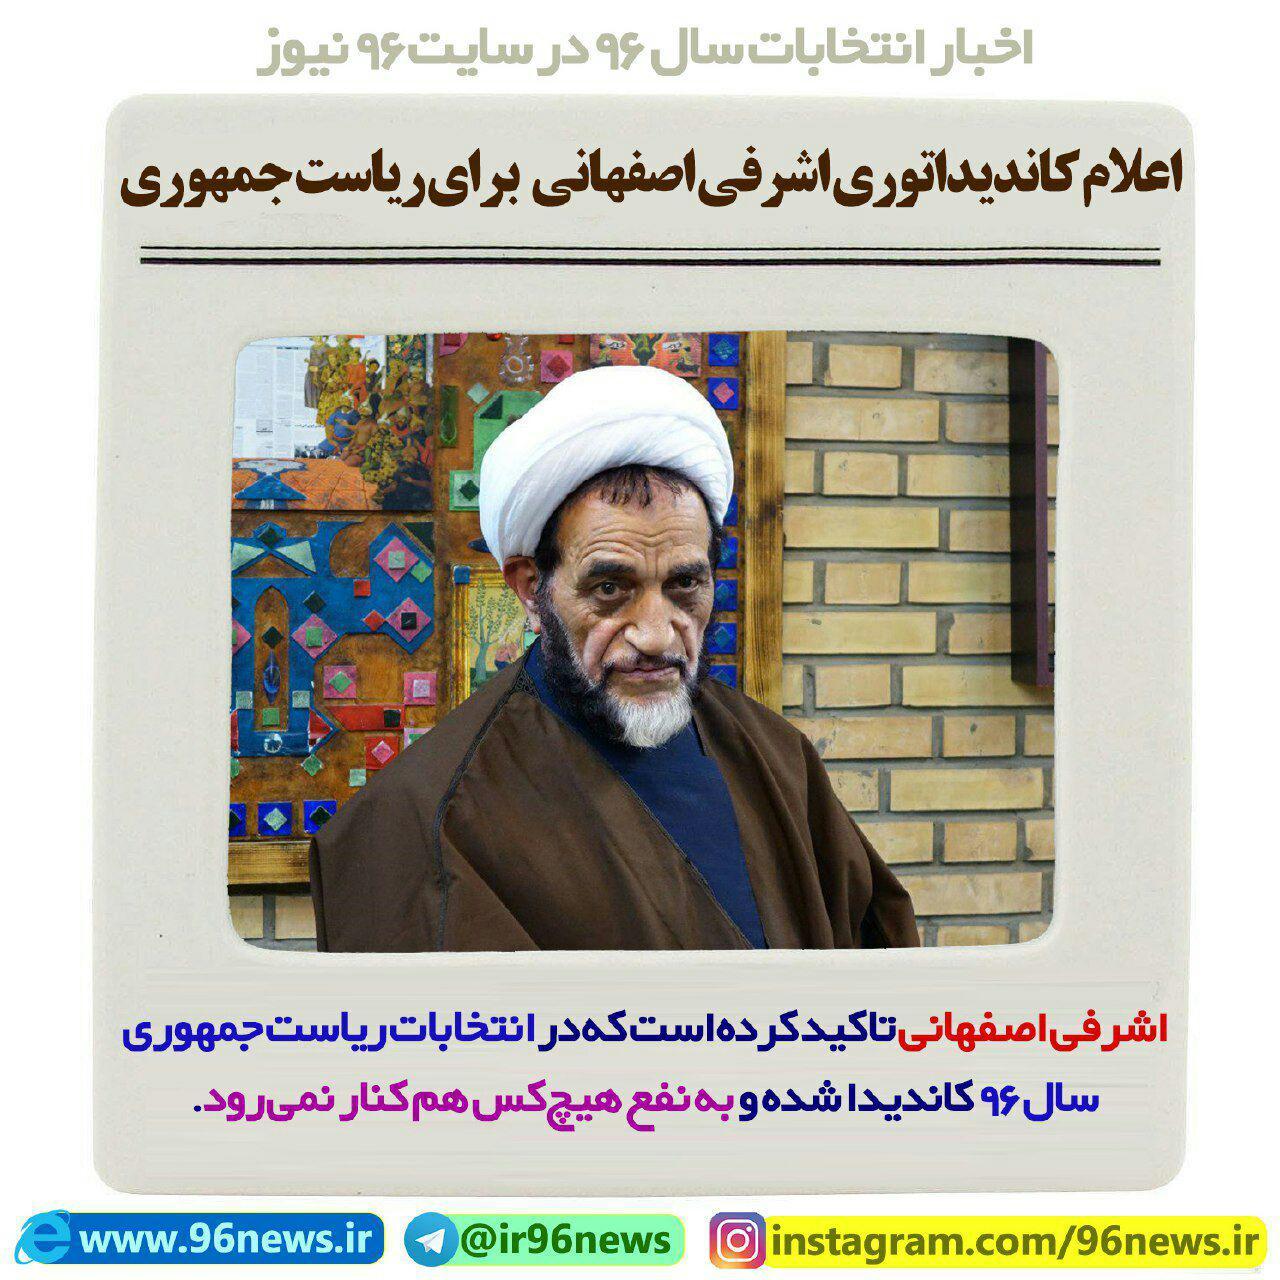 عکس نوشت اختصاصی ۹۶ نیوز:اعلام کاندیداتوری اشرفی اصفهانی برای ریاست جمهوری